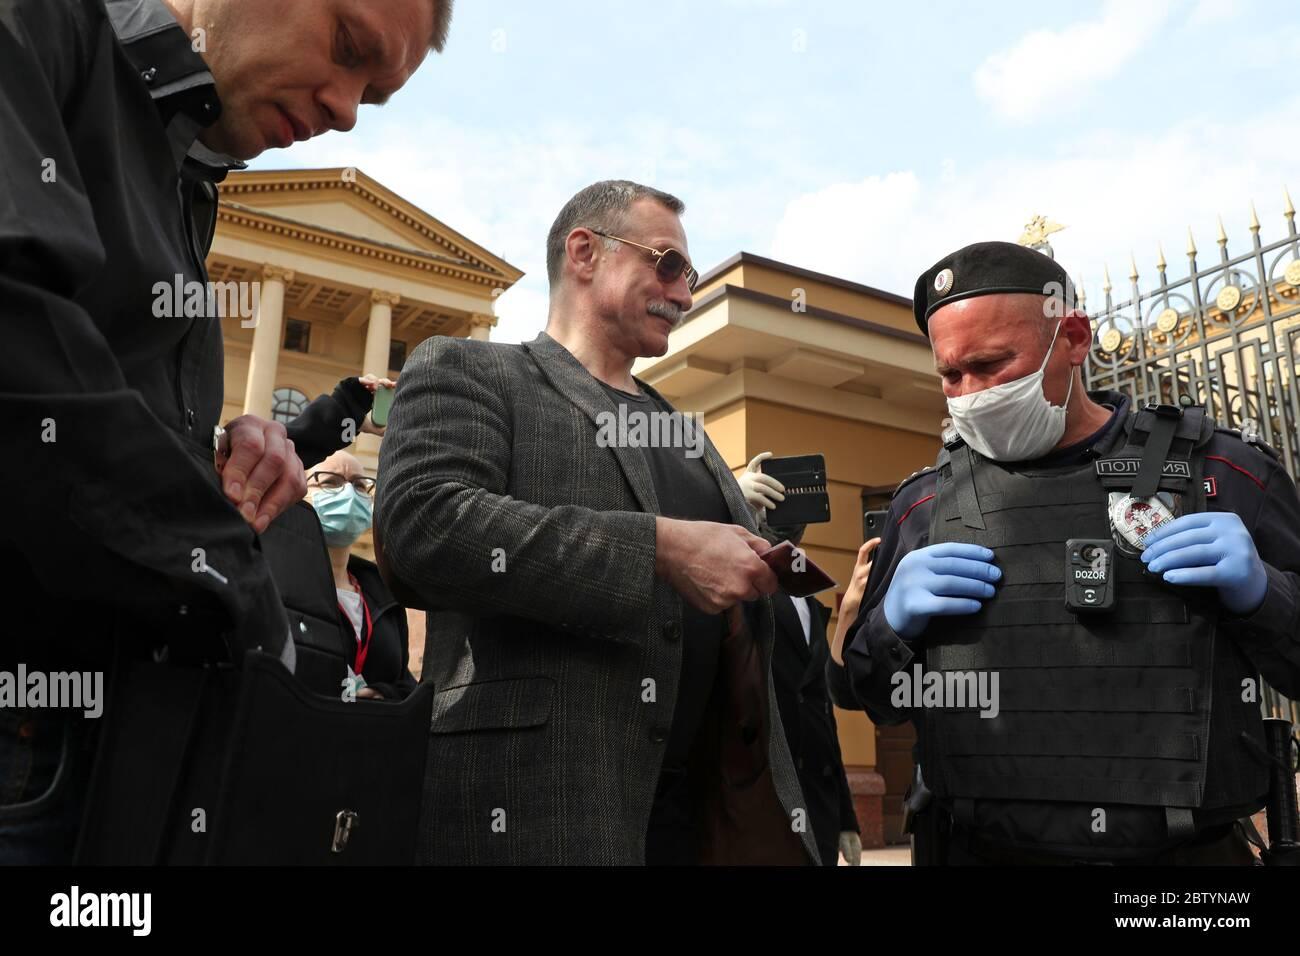 Moscou, Russie. 28 mai 2020. Yevgeny Stupin et Mikhail Timonov (G-D), membres de la Douma de Moscou, ont été approchés par des policiers lors d'une manifestation en solo en faveur de la journaliste Ilya Azar devant le bureau principal de la branche de Moscou du ministère russe des Affaires intérieures, dans la rue Petrovka. Azar a été arrêté et placé en détention pendant 15 jours le 26 mai pour avoir organisé une manifestation en solo contre la détention de Vladimir Vorontsov, fondateur de la page publique des médiateurs Politsii sur un réseau social. Crédit : Vladimir Gerdo/TASS/Alay Live News Banque D'Images